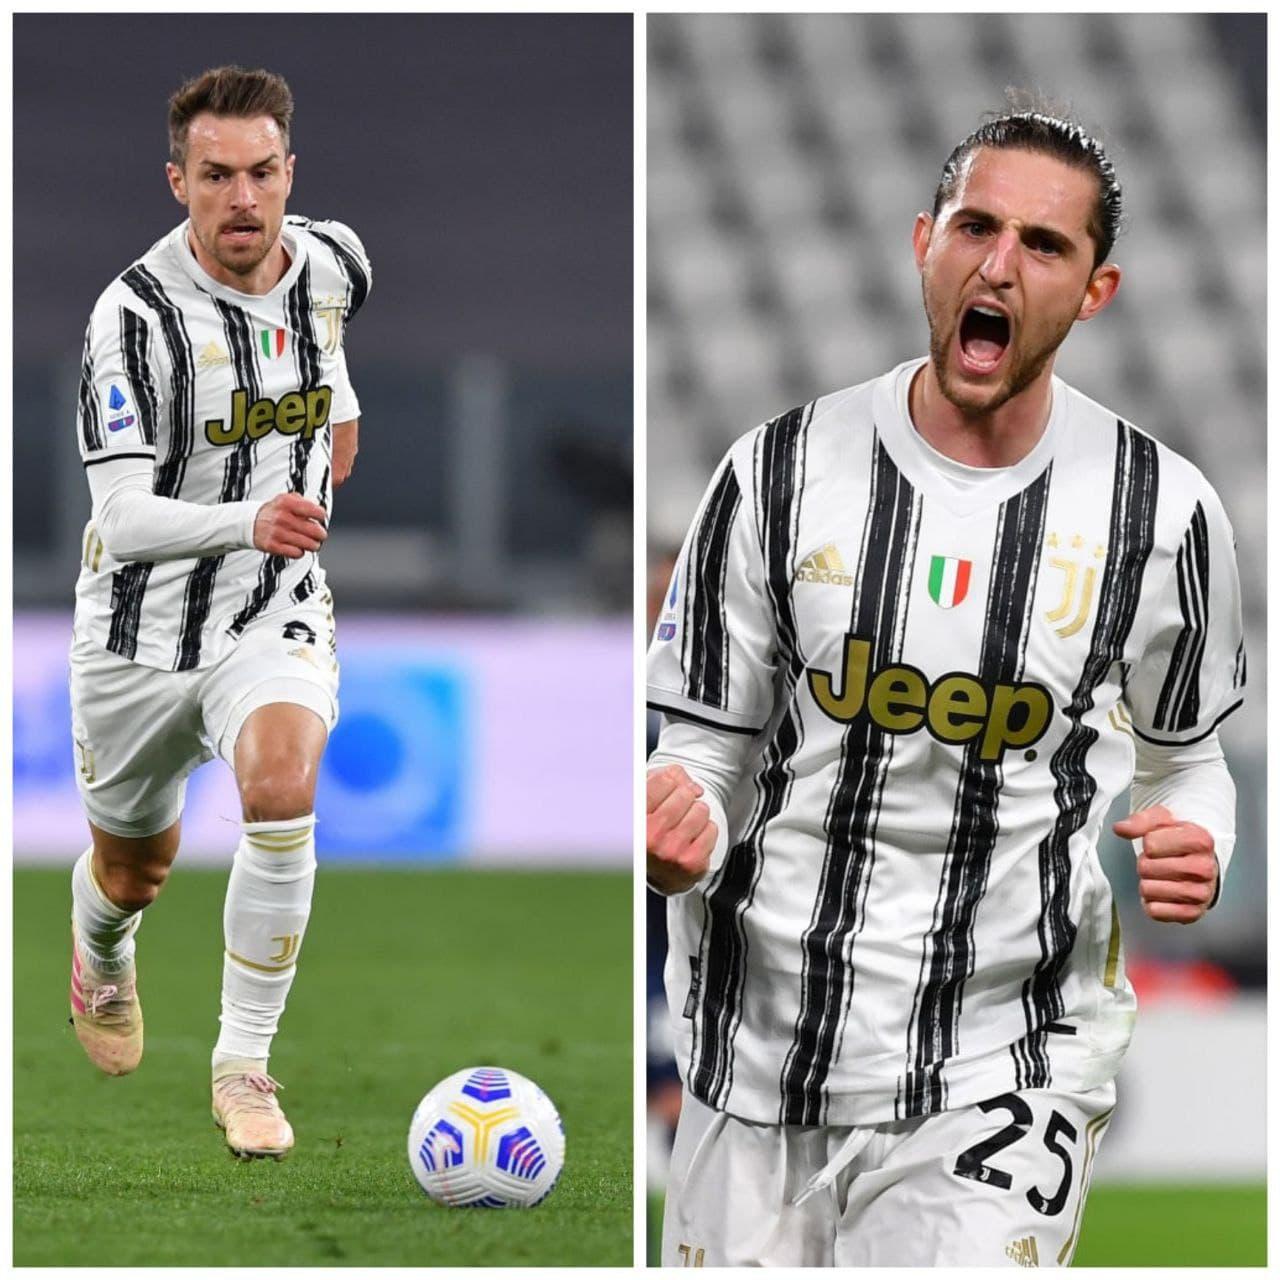 Calciomercato Juventus, le ultime su Rabiot e Ramsey